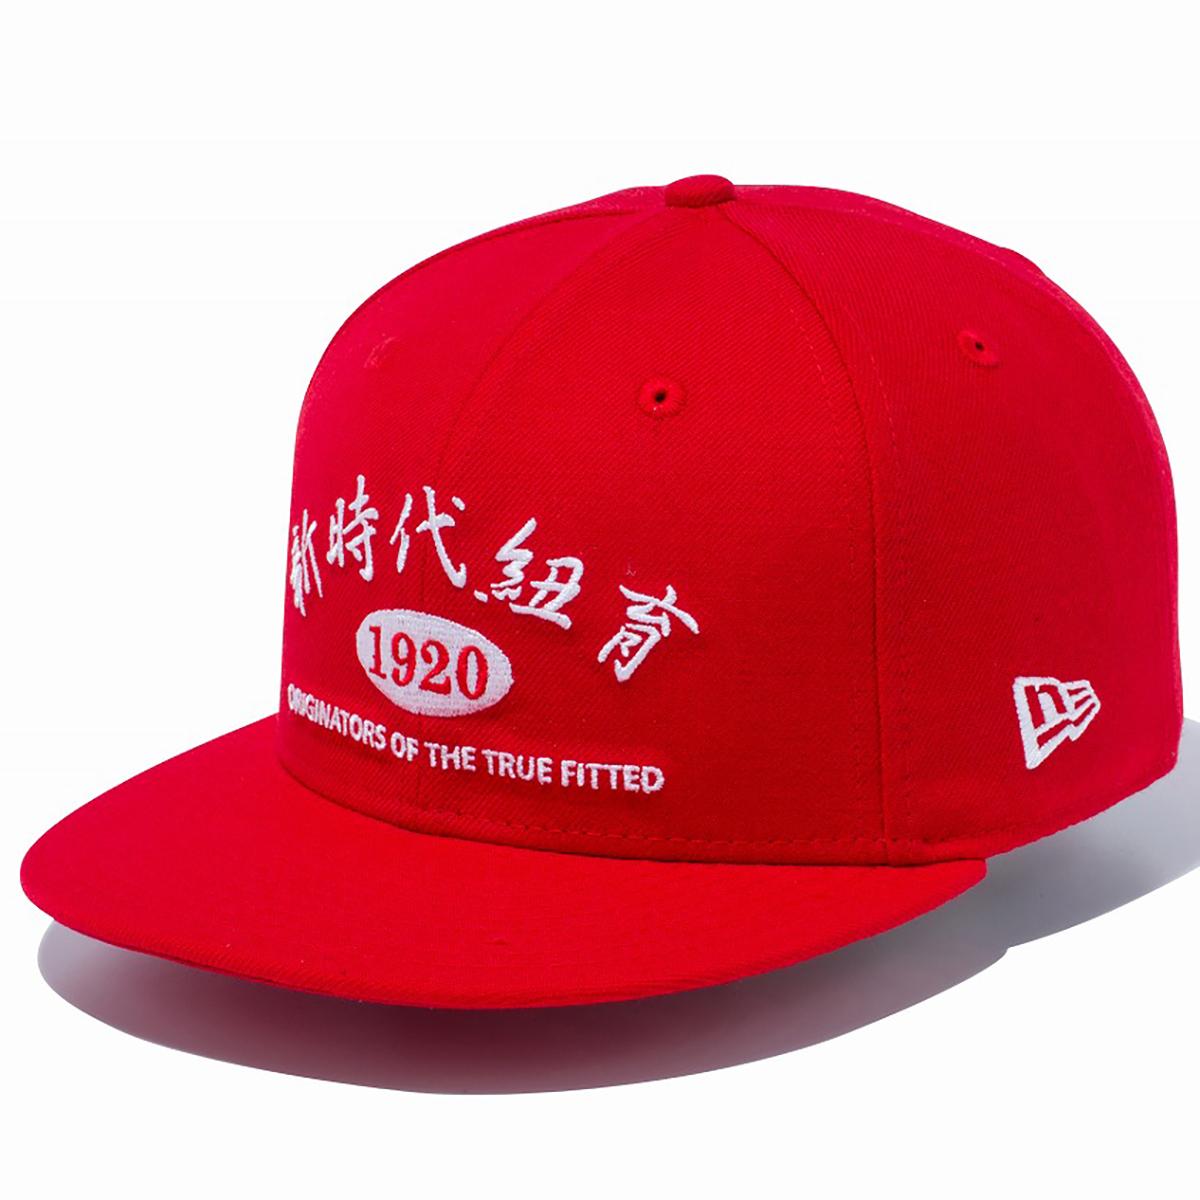 950 CHINA TOWN NE NY キャップ